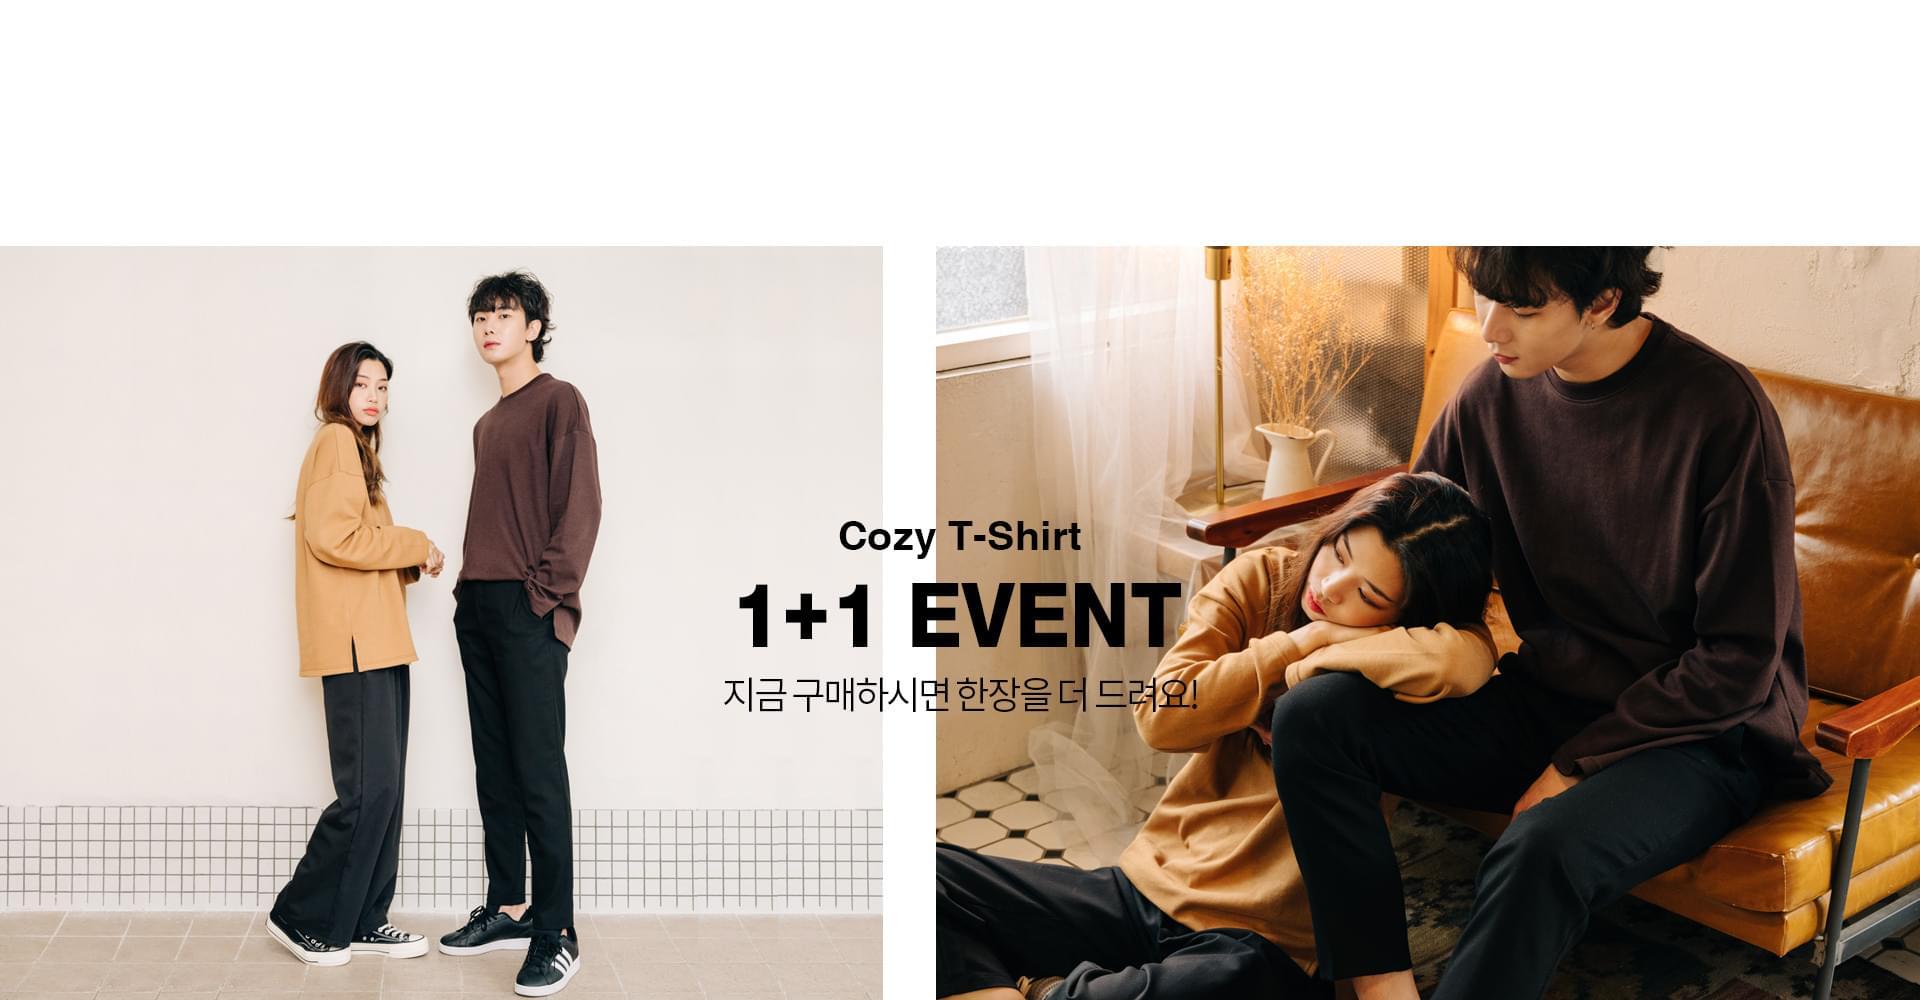 Overfit Unisex Cozy T-shirt